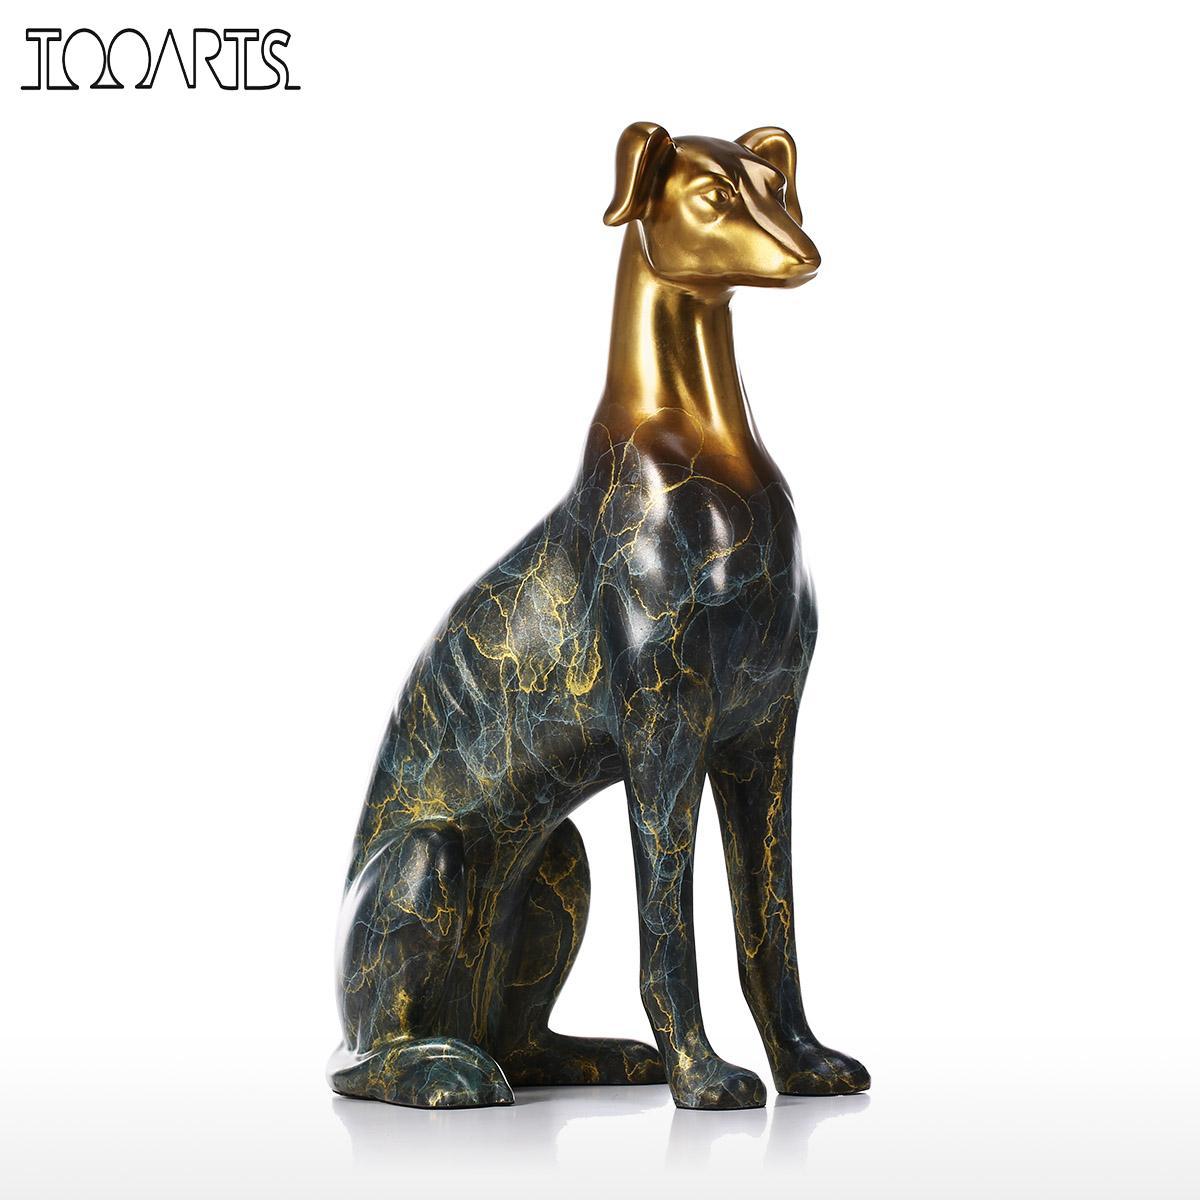 Tooarts Лабрадор собака бронзовая Скульптура Home Decor Скульптура Desktop декоративная статуэтка ручной работы животного Статуи и Скульптура s